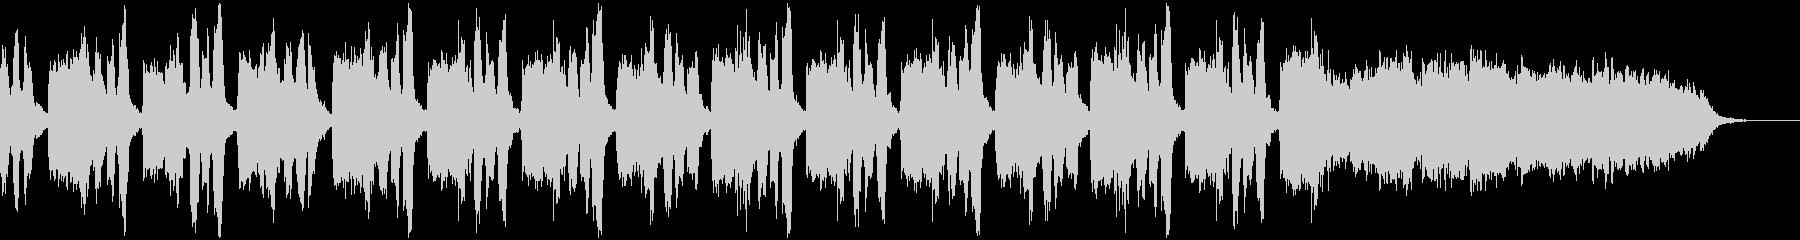 オーケストラによる暗所探索系BGMの未再生の波形